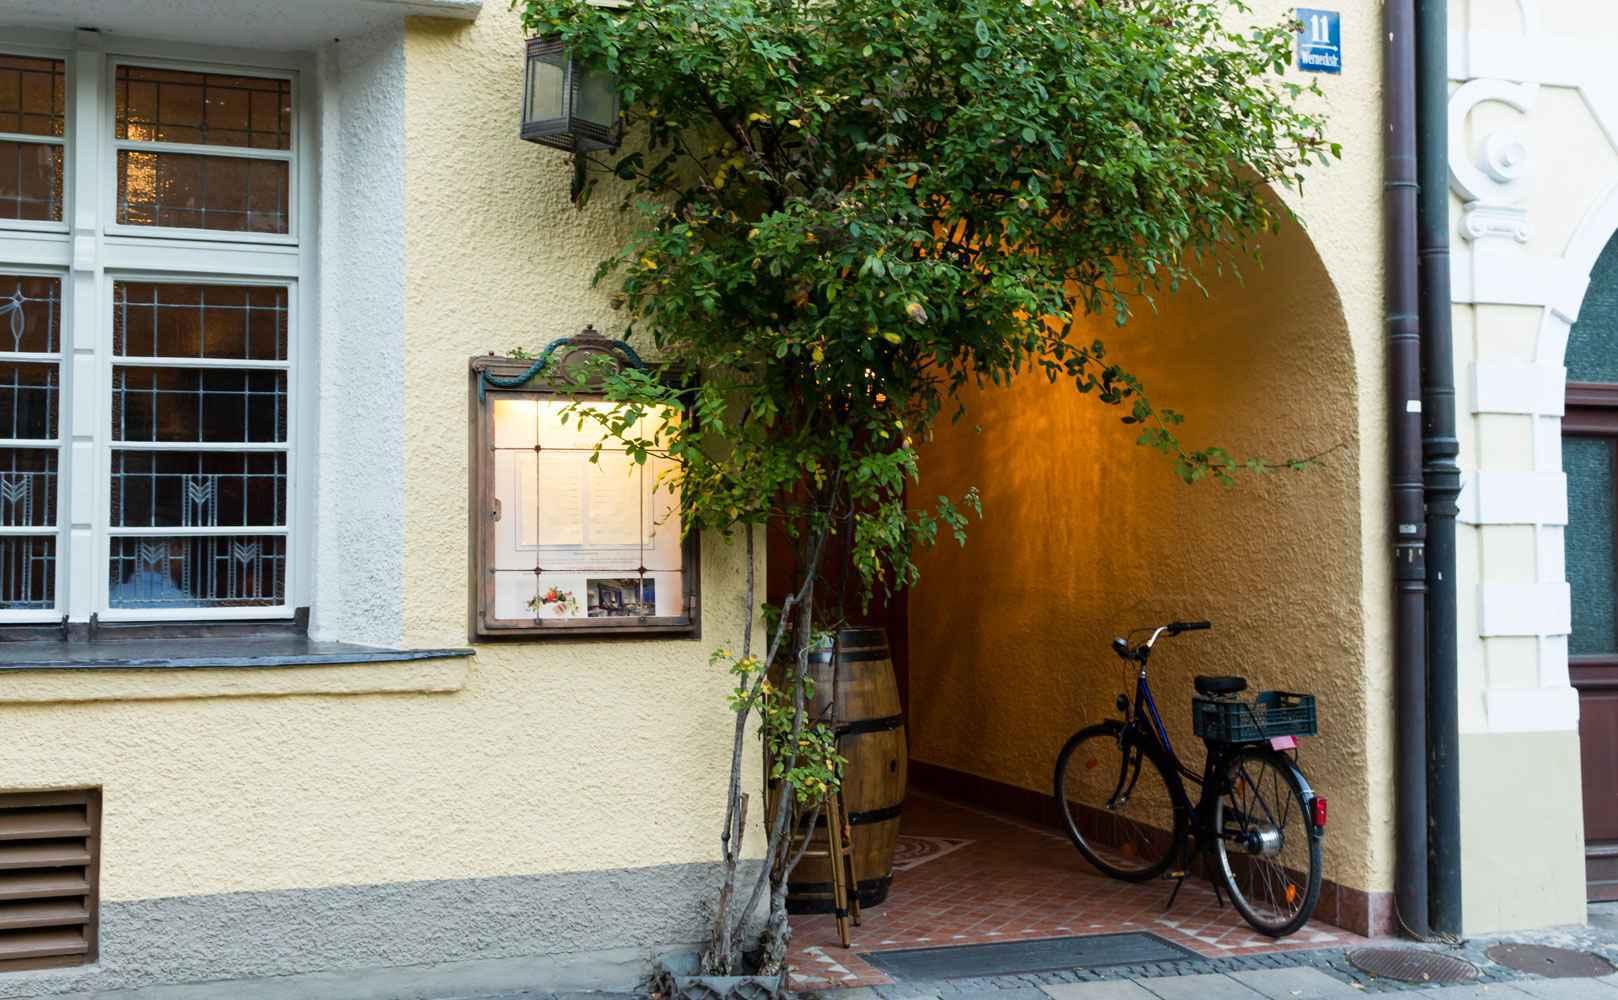 Go to Restaurantkritik: Geisels Werneckhof in 80802 München,